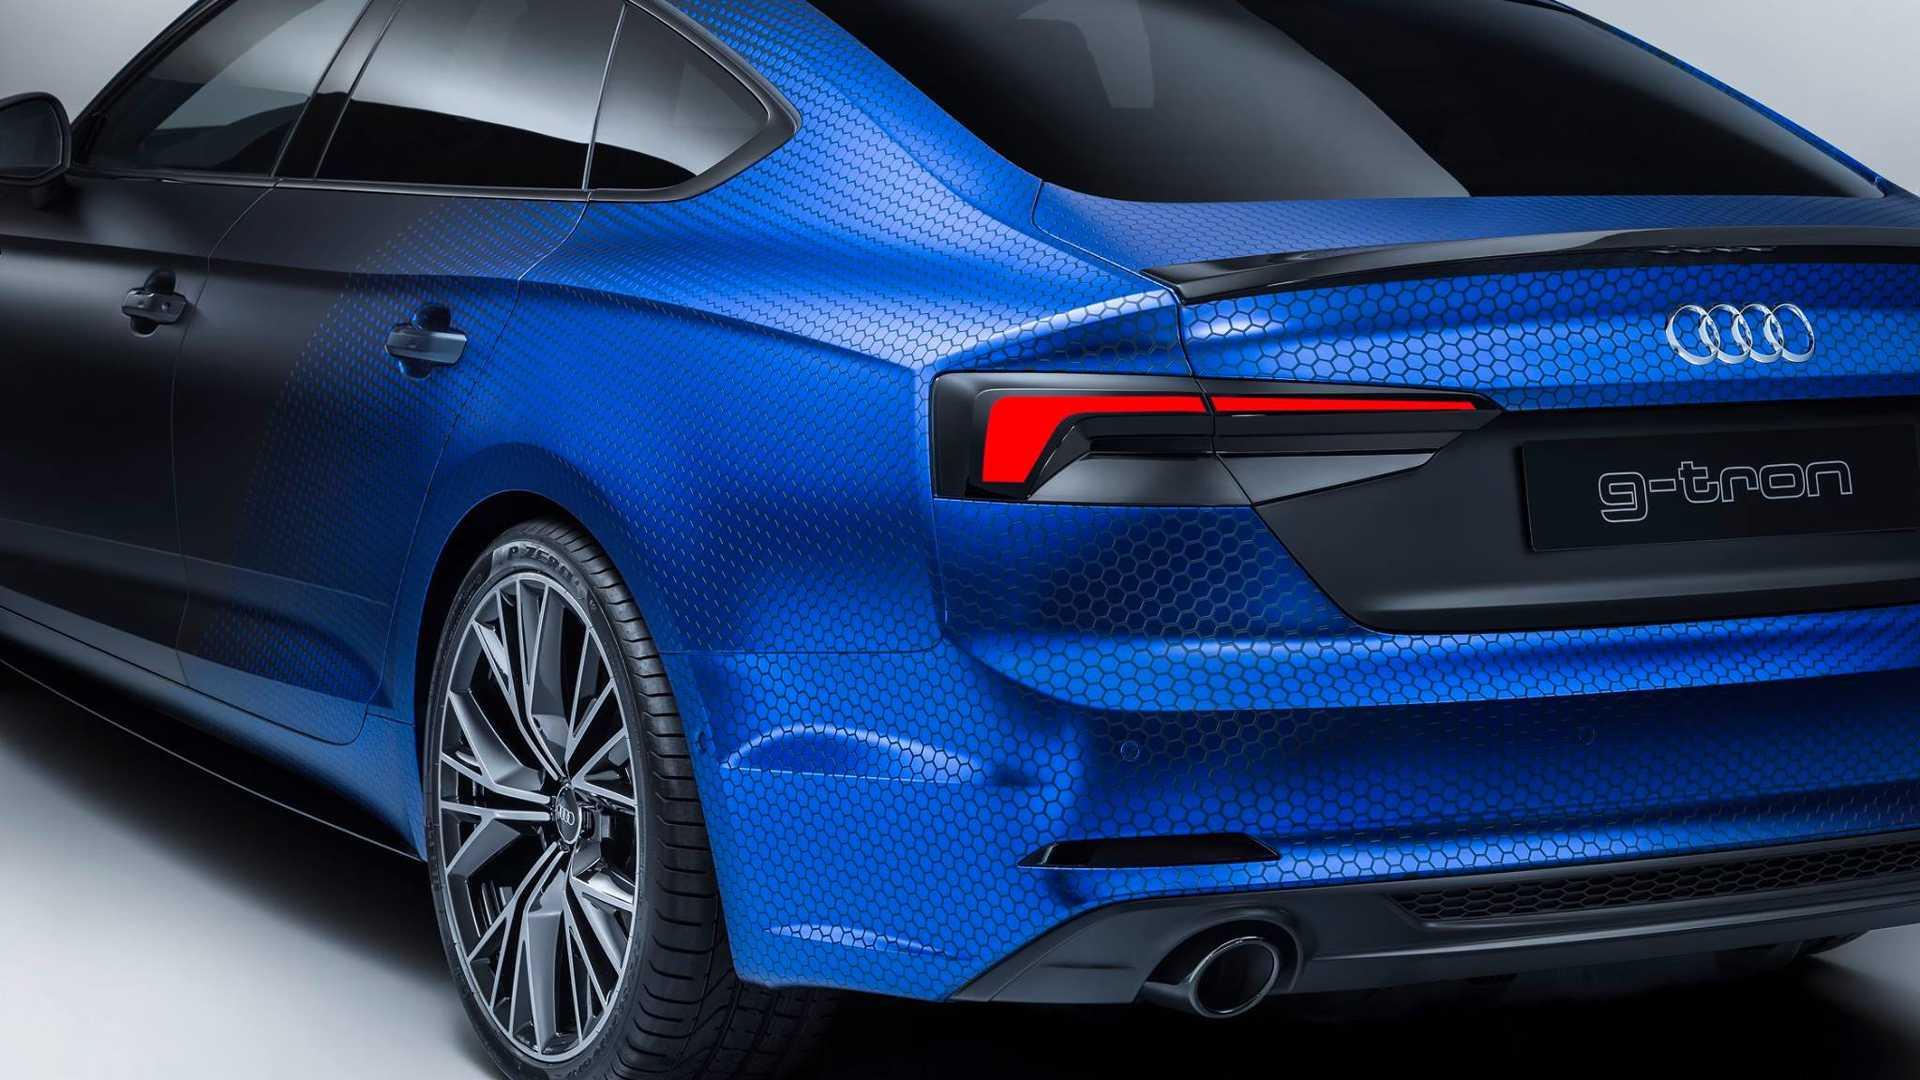 Audi_A5_Sportback_g-tron_02